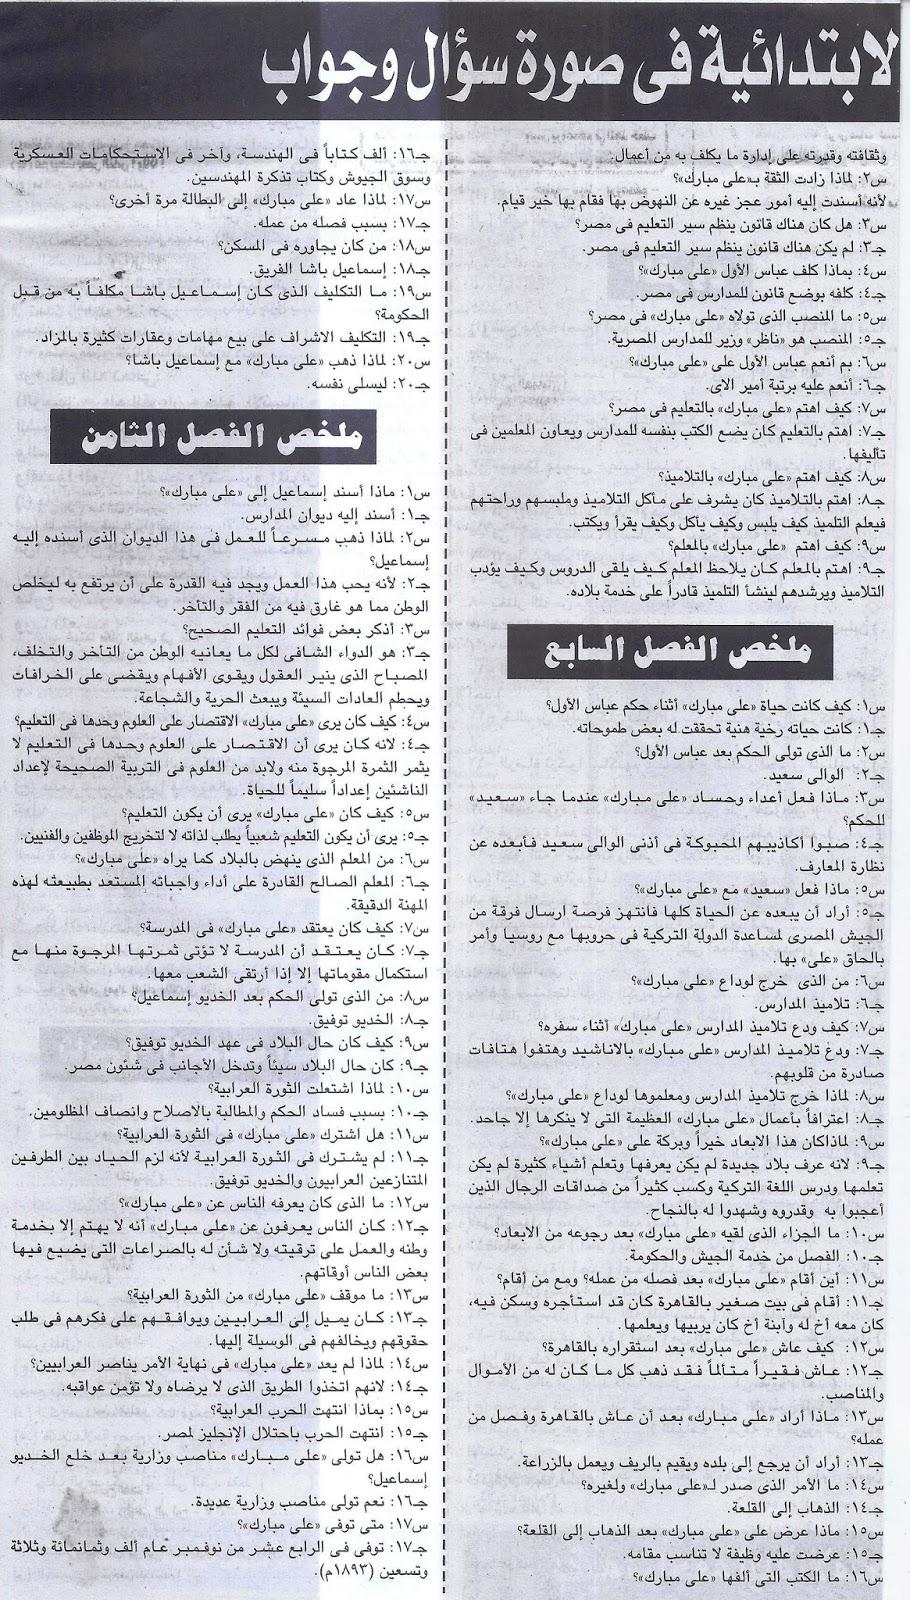 مراجعة لغة عربية مهمة للصف السادس الابتدائي ترم ثاني.. ملحق الجمهورية 2017 Scan0005